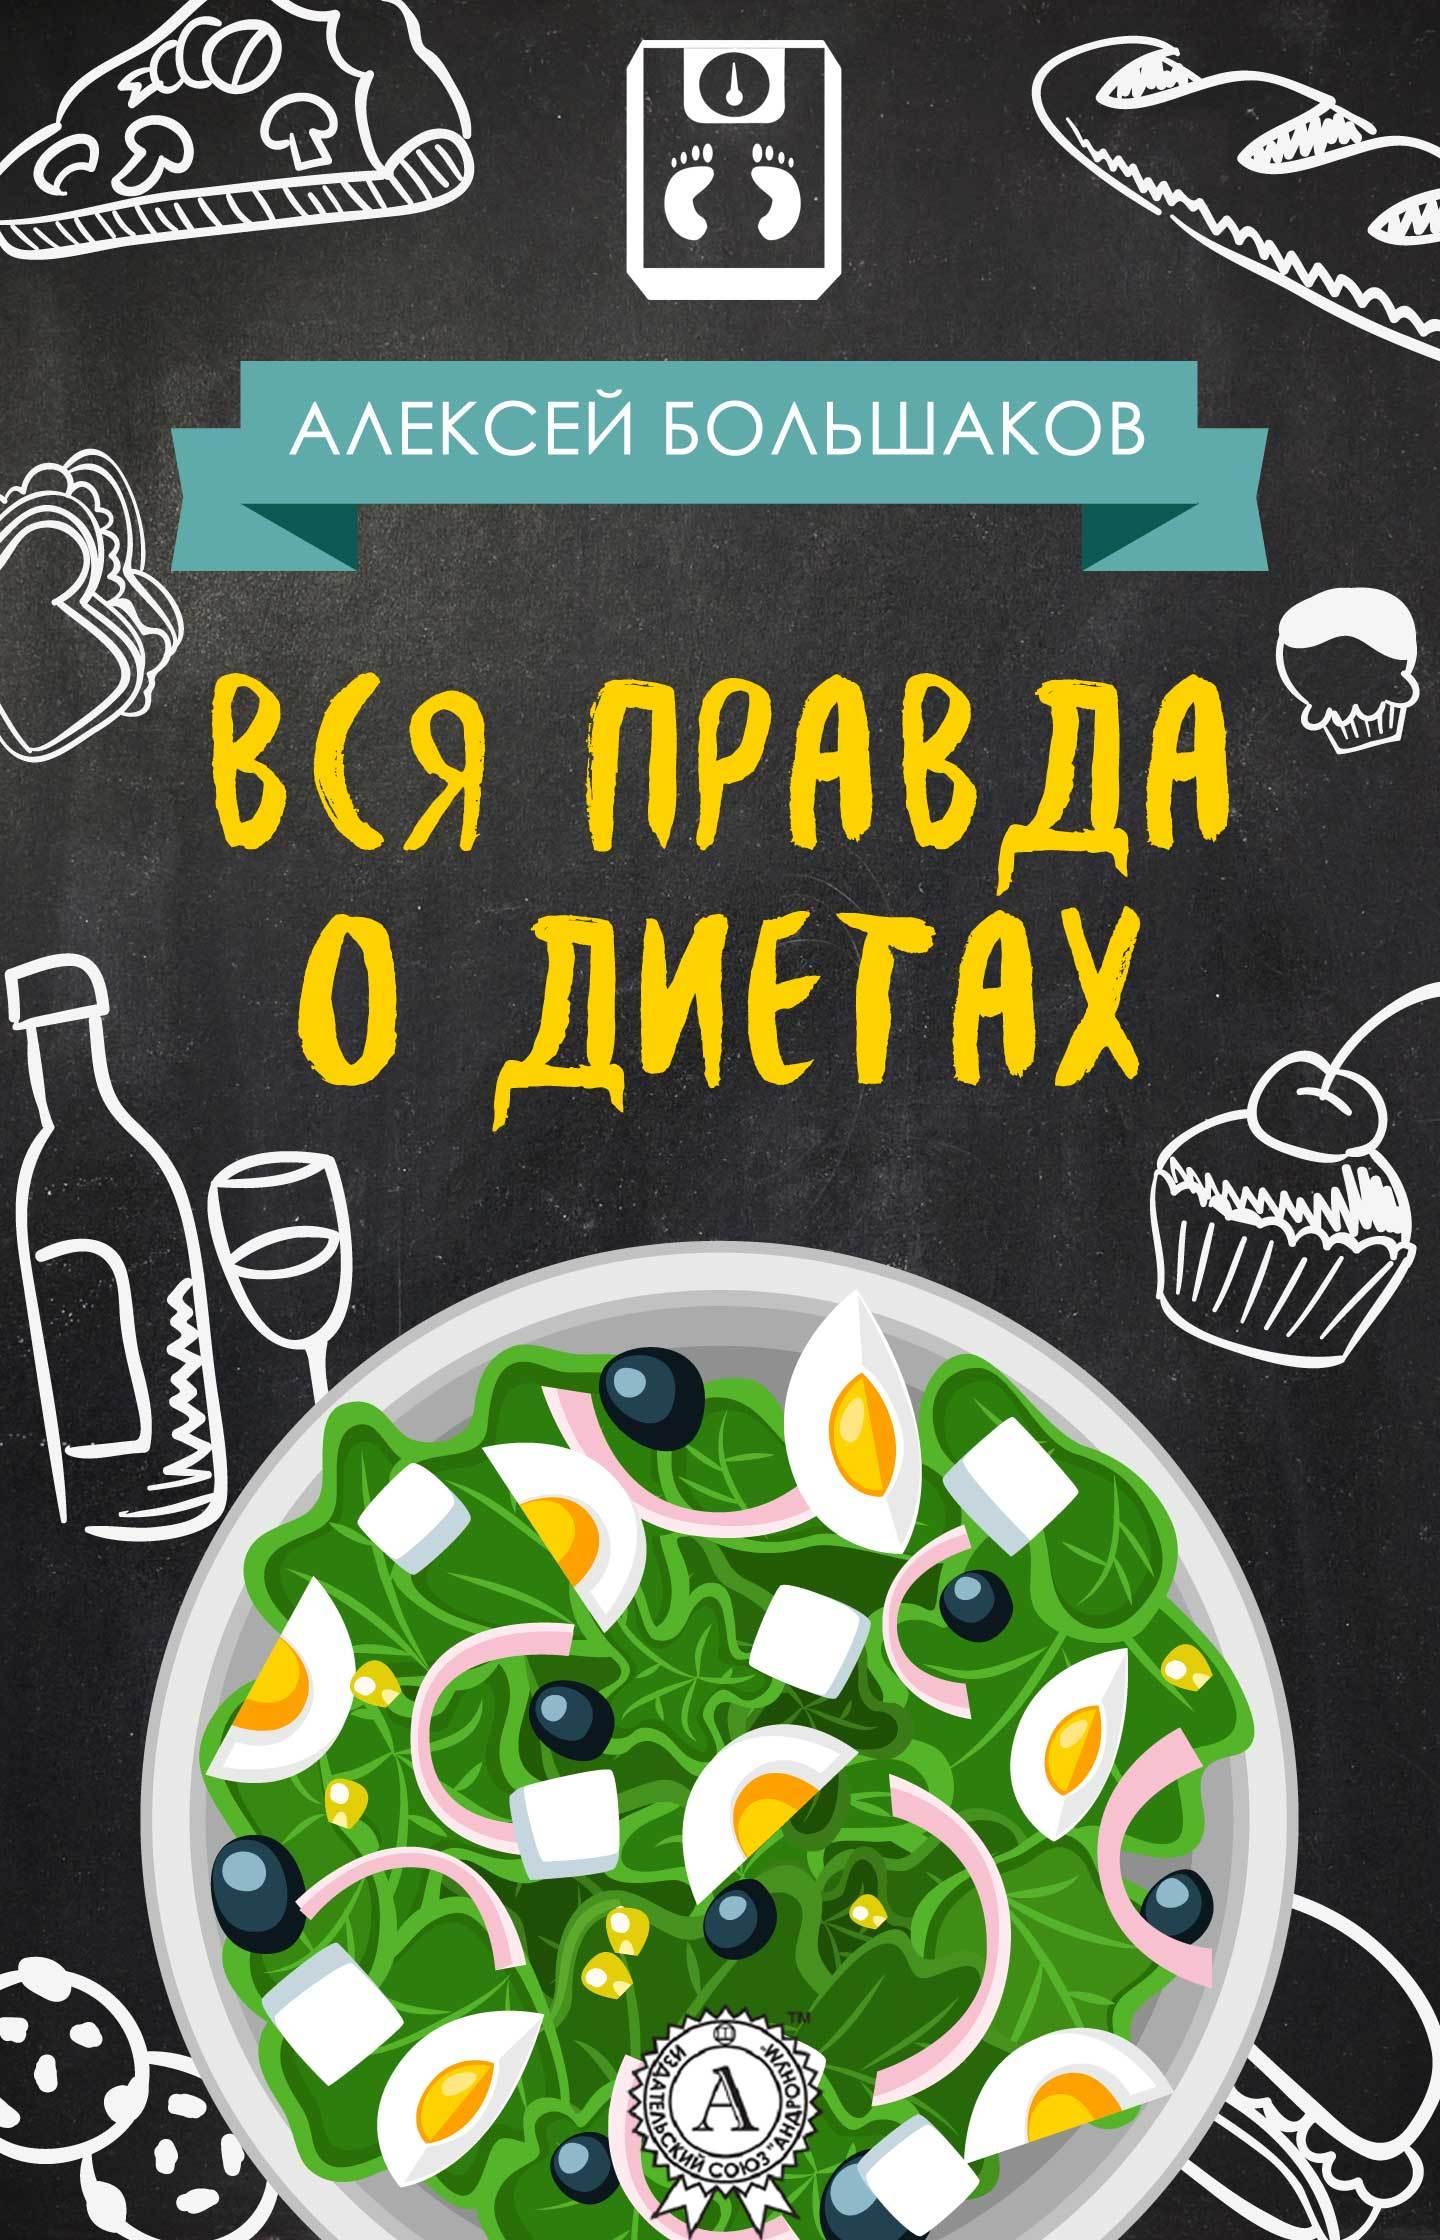 Алексей Большаков «Вся правда о диетах»